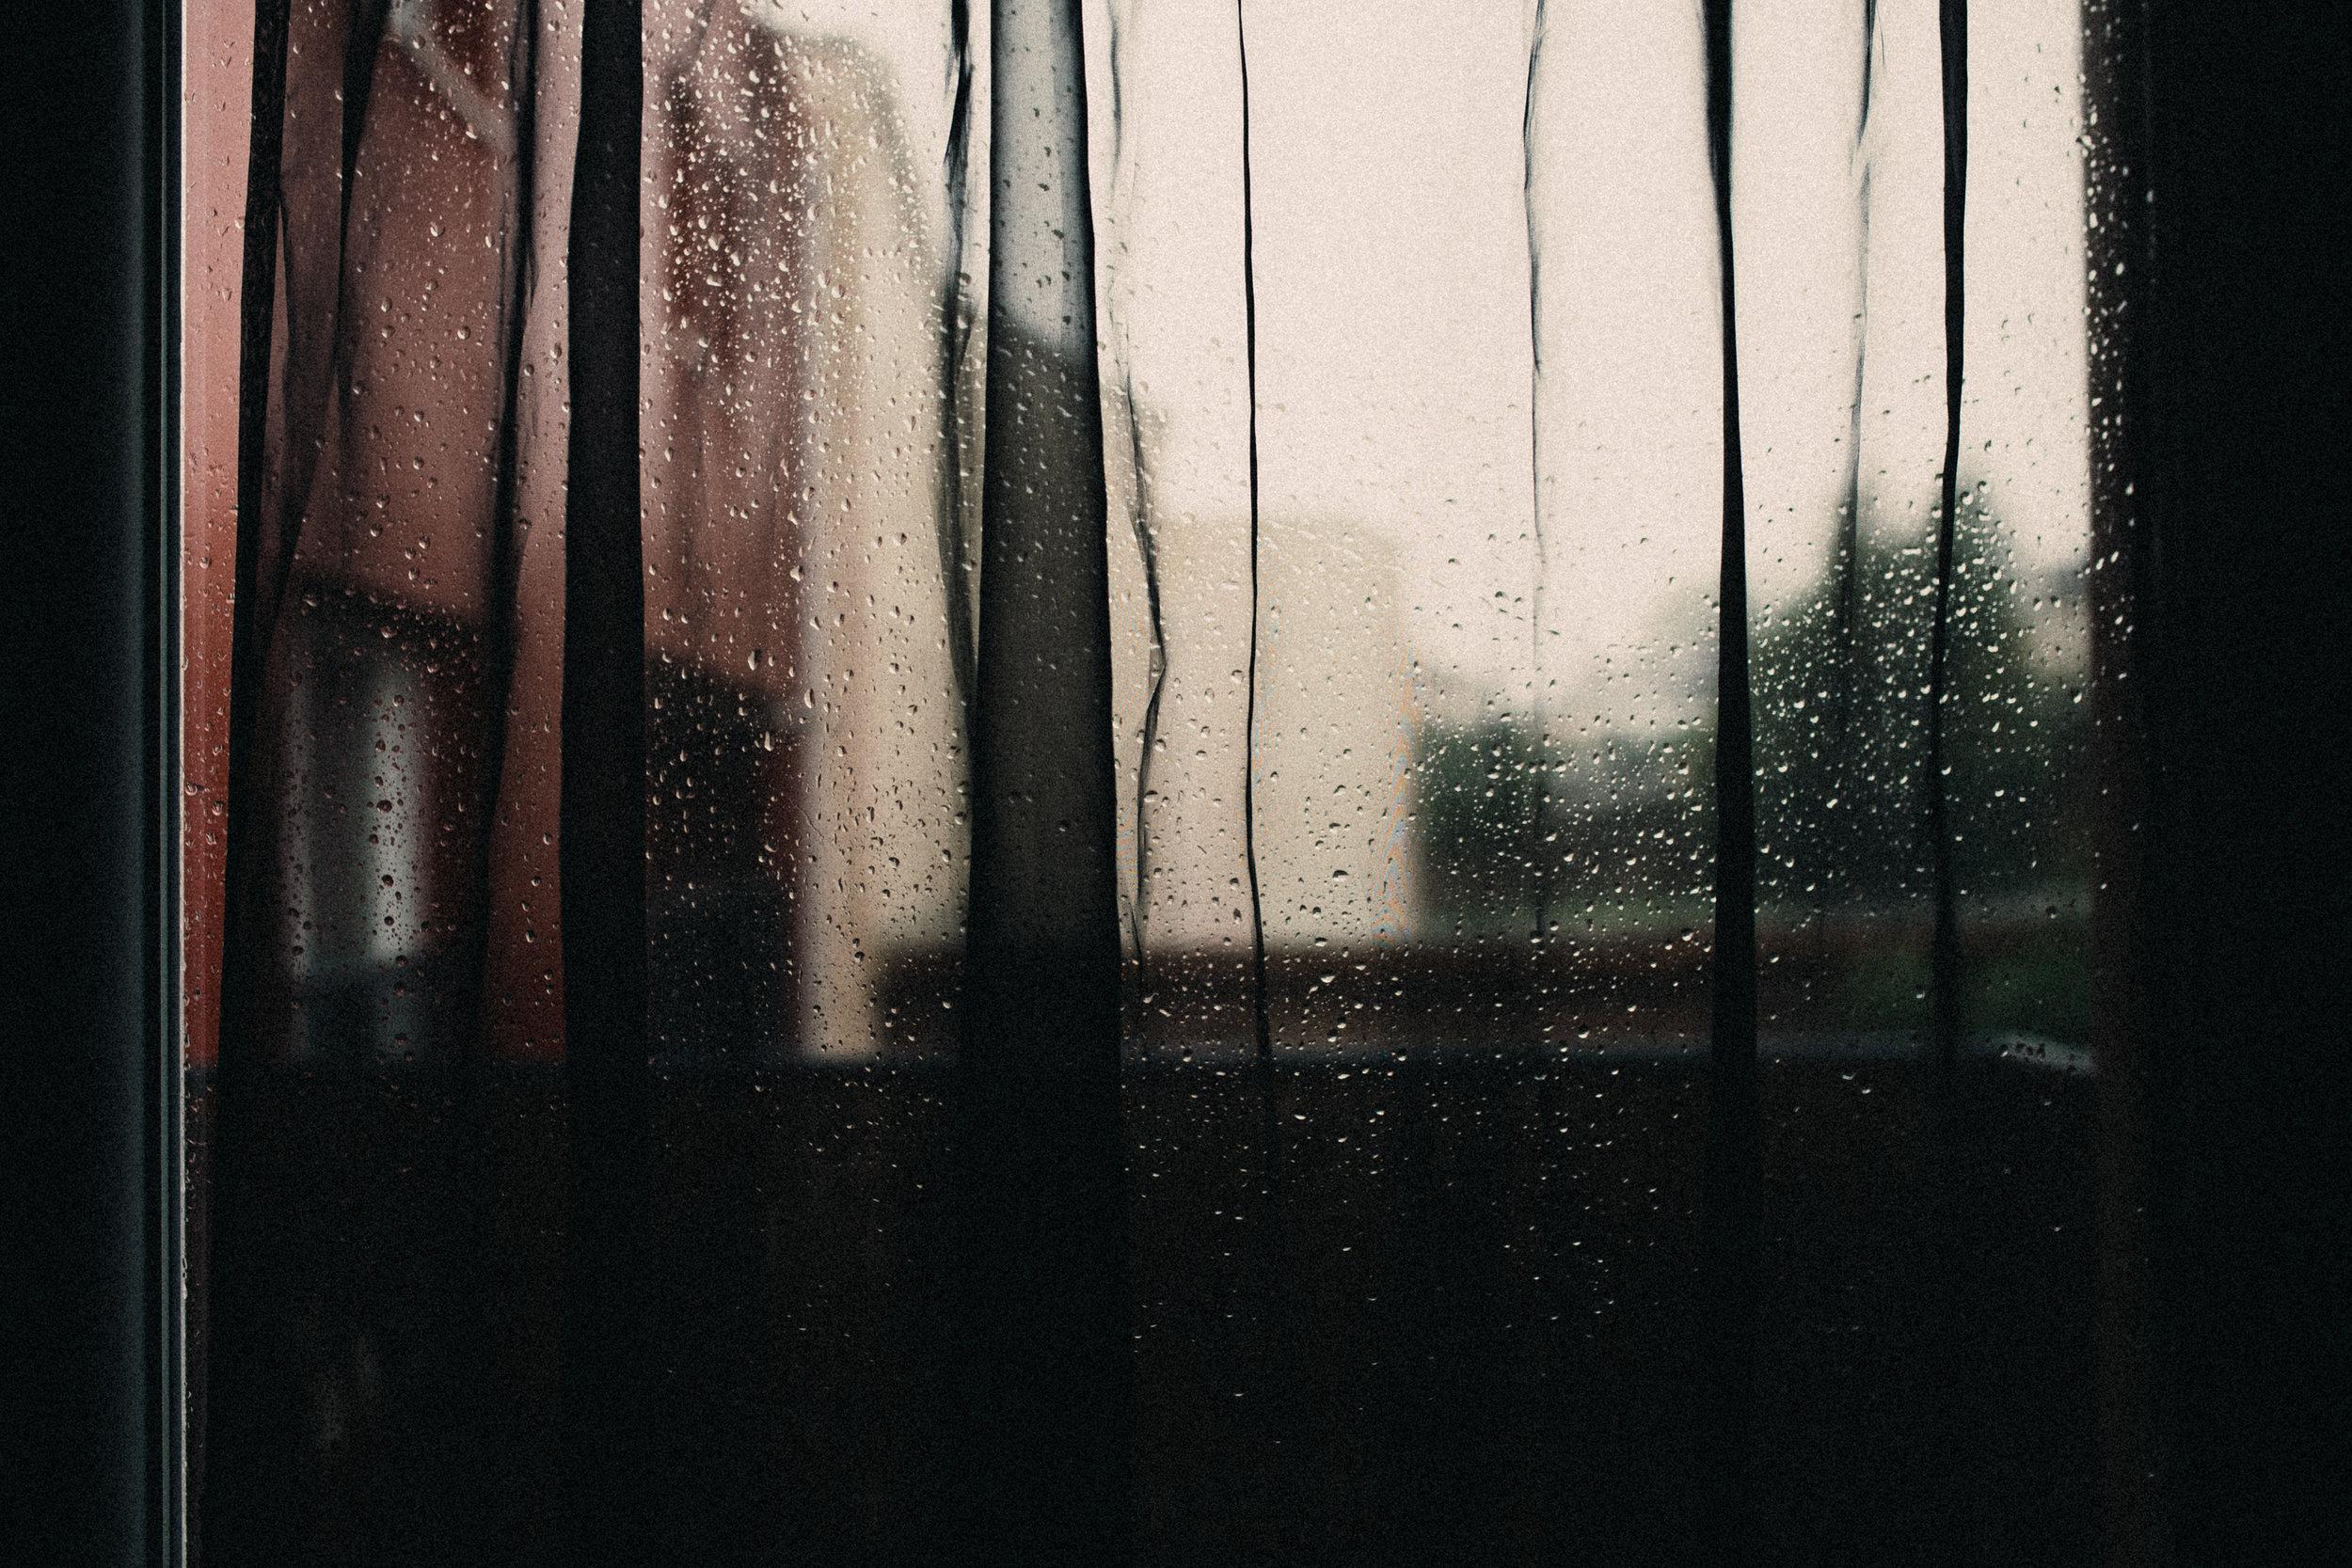 Ven. 07 Juin 2019 - Trop de pluie pour sortir